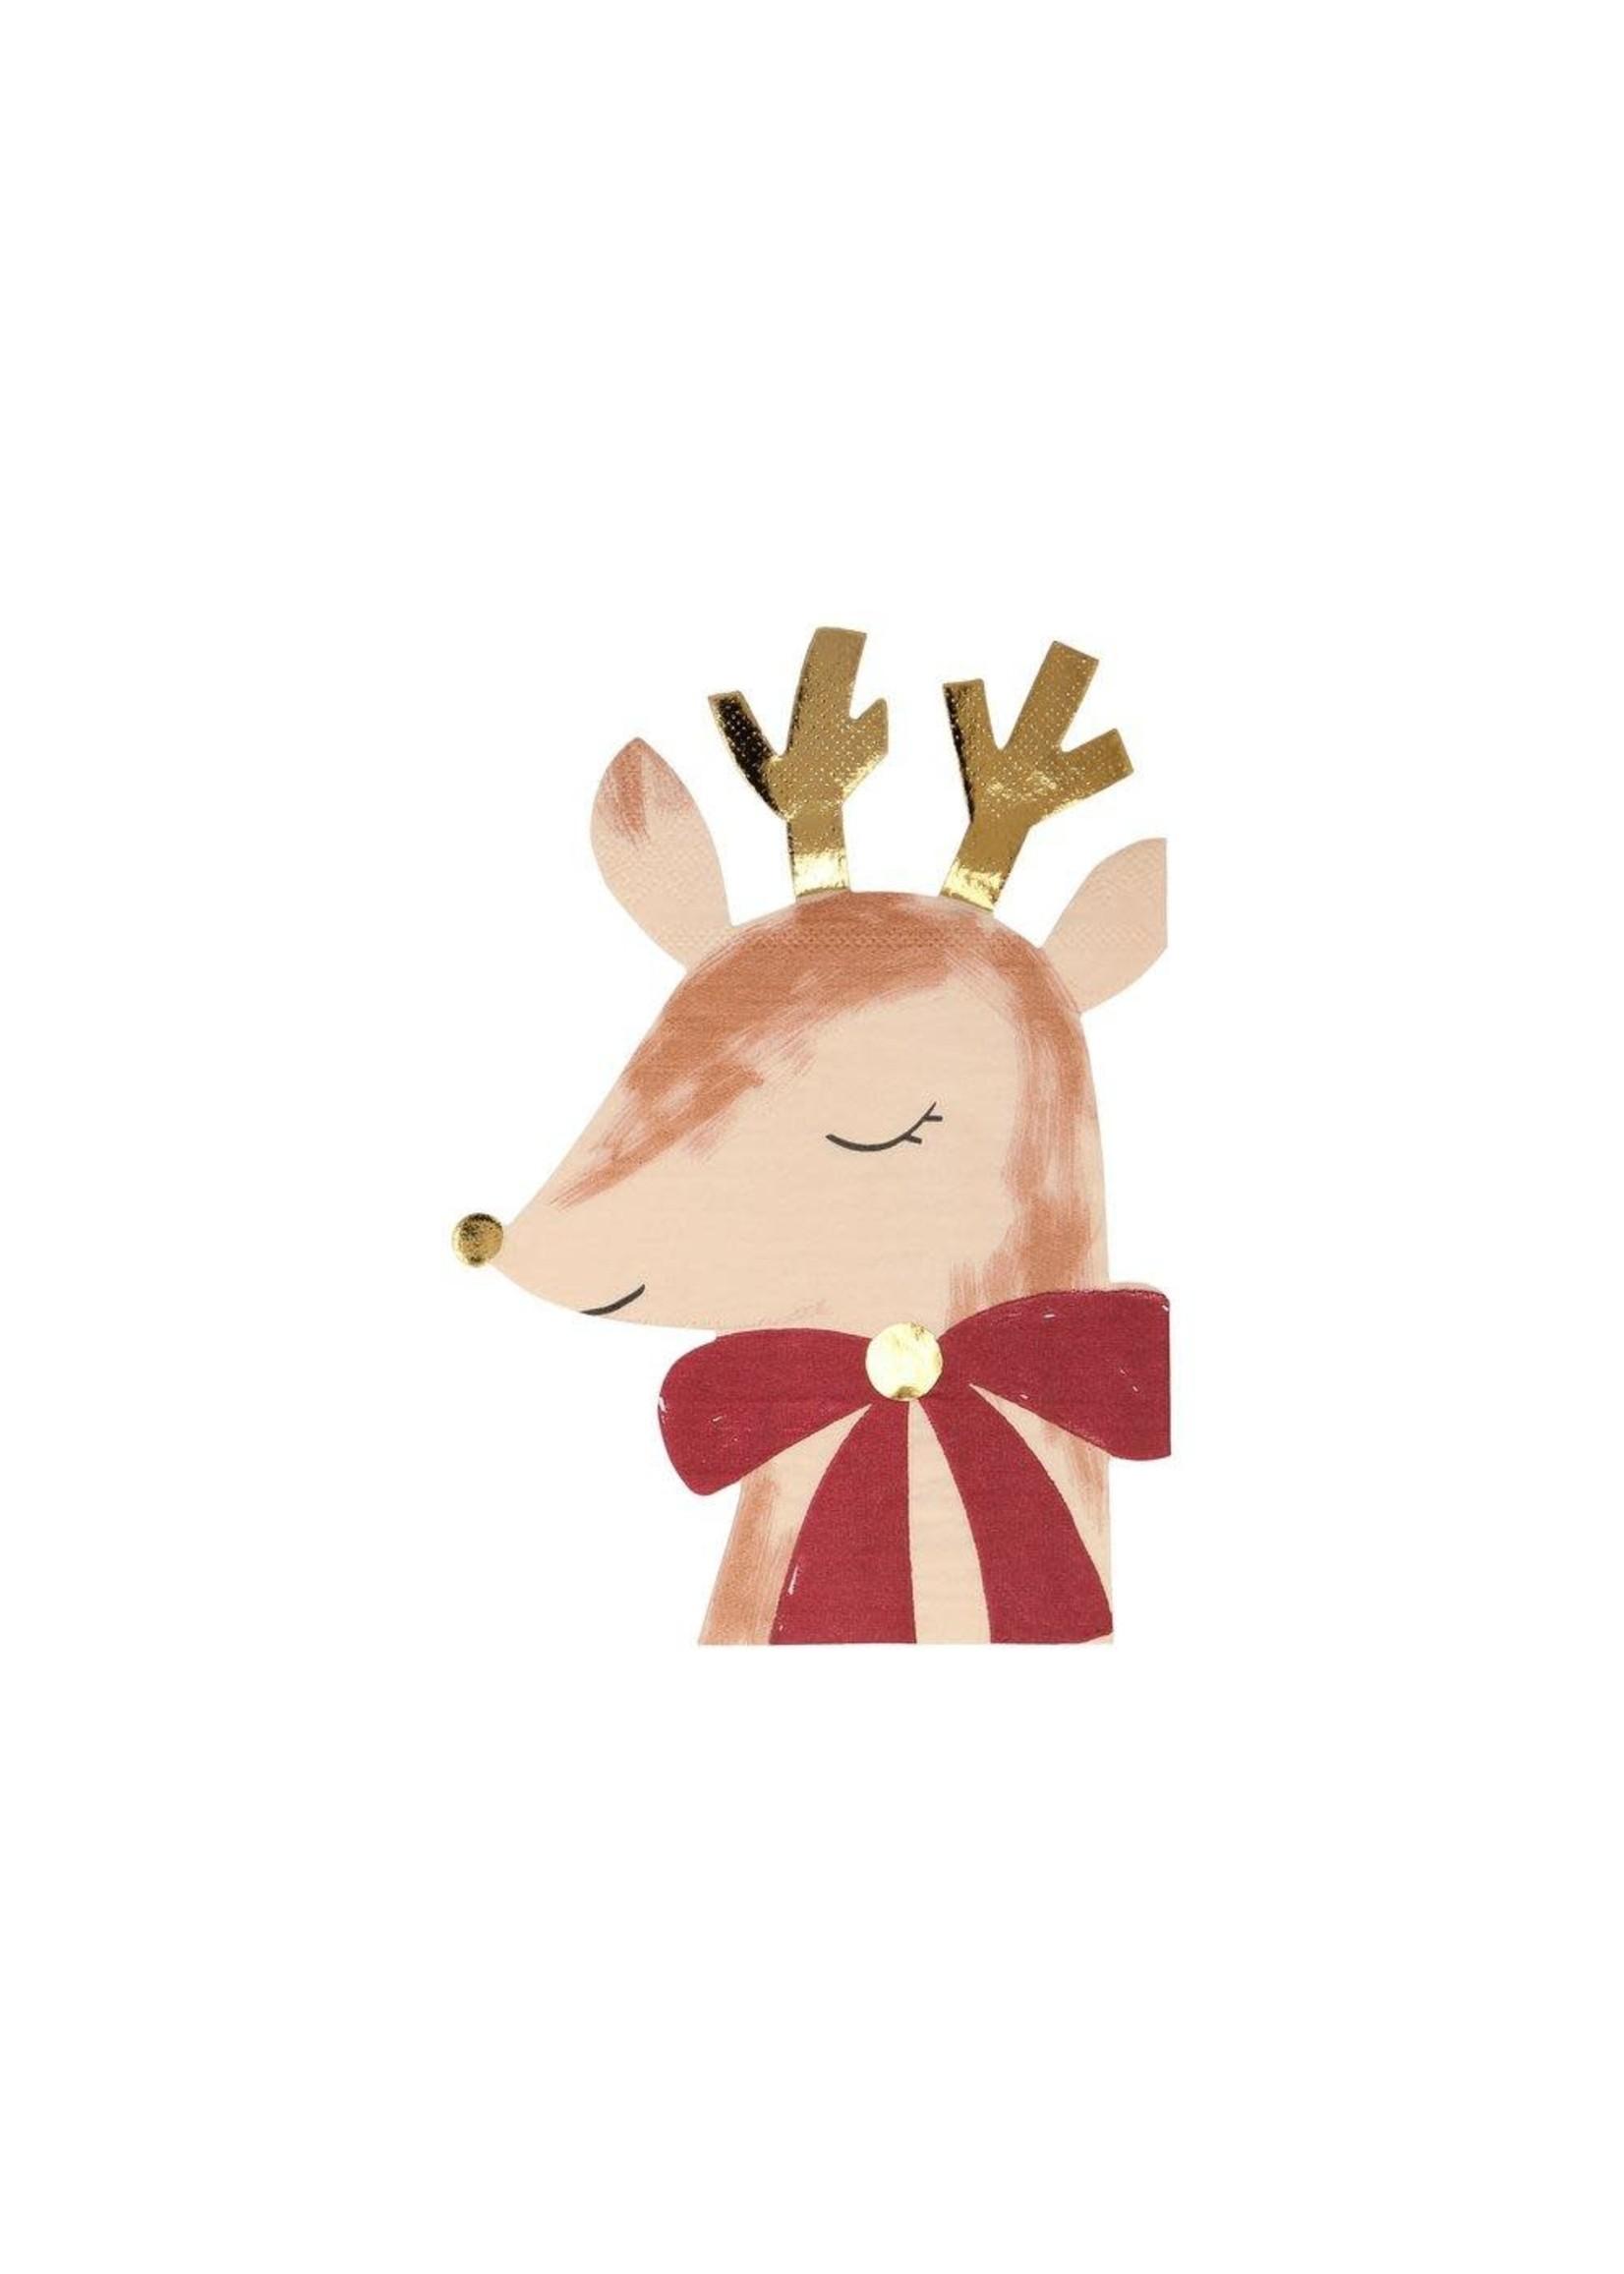 Meri Meri Paper Napkins - Reindeer with Bow